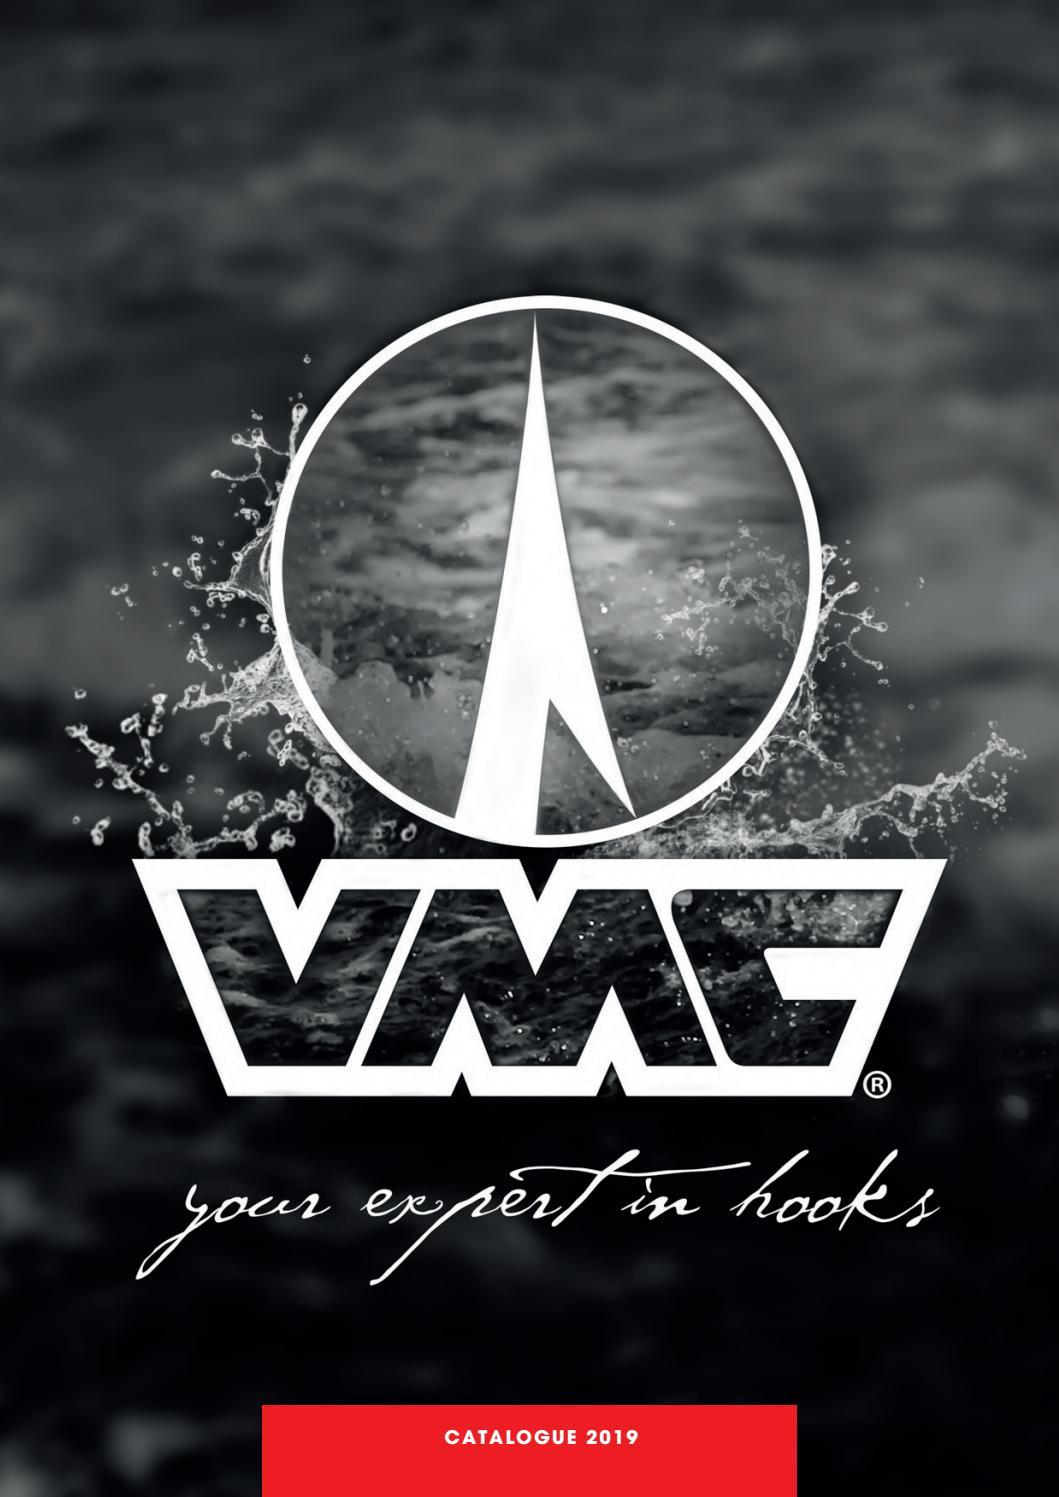 pochette de 10 hameçons VMC universel  N°18  forgé droit toutes pêches